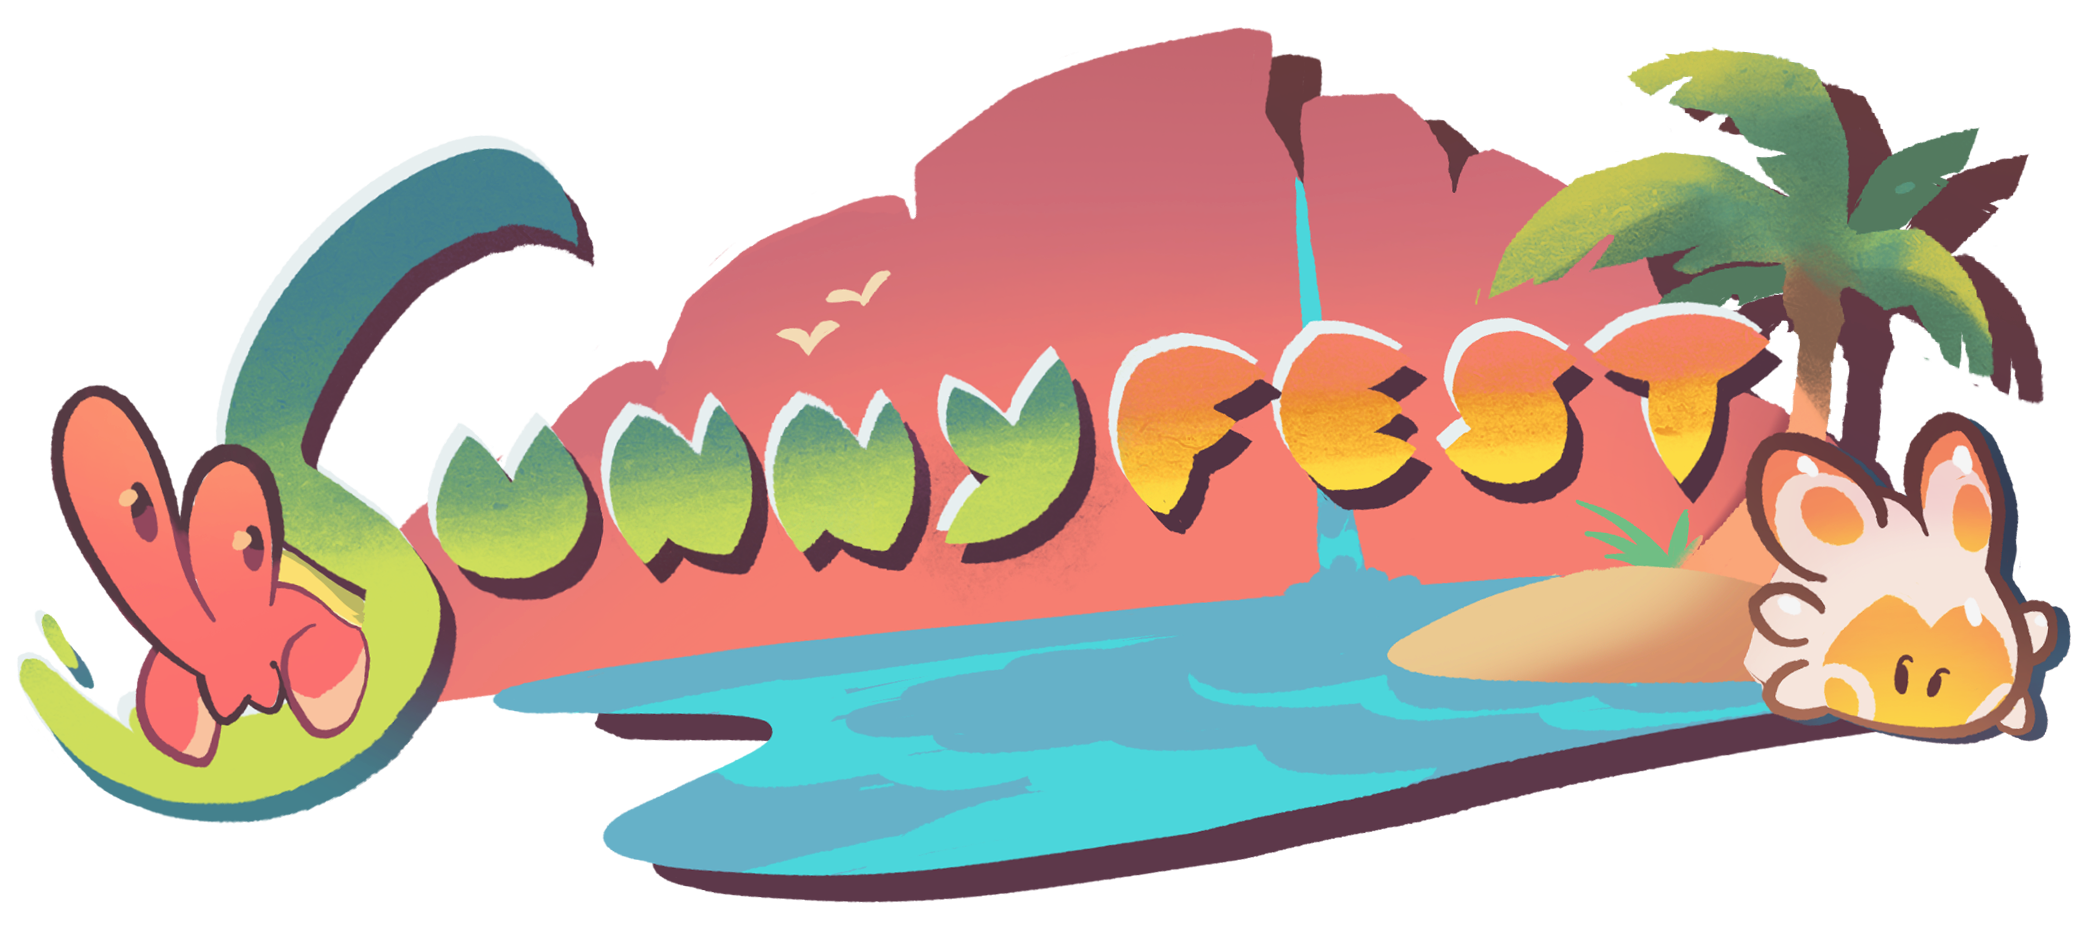 Sunnyfest Logo